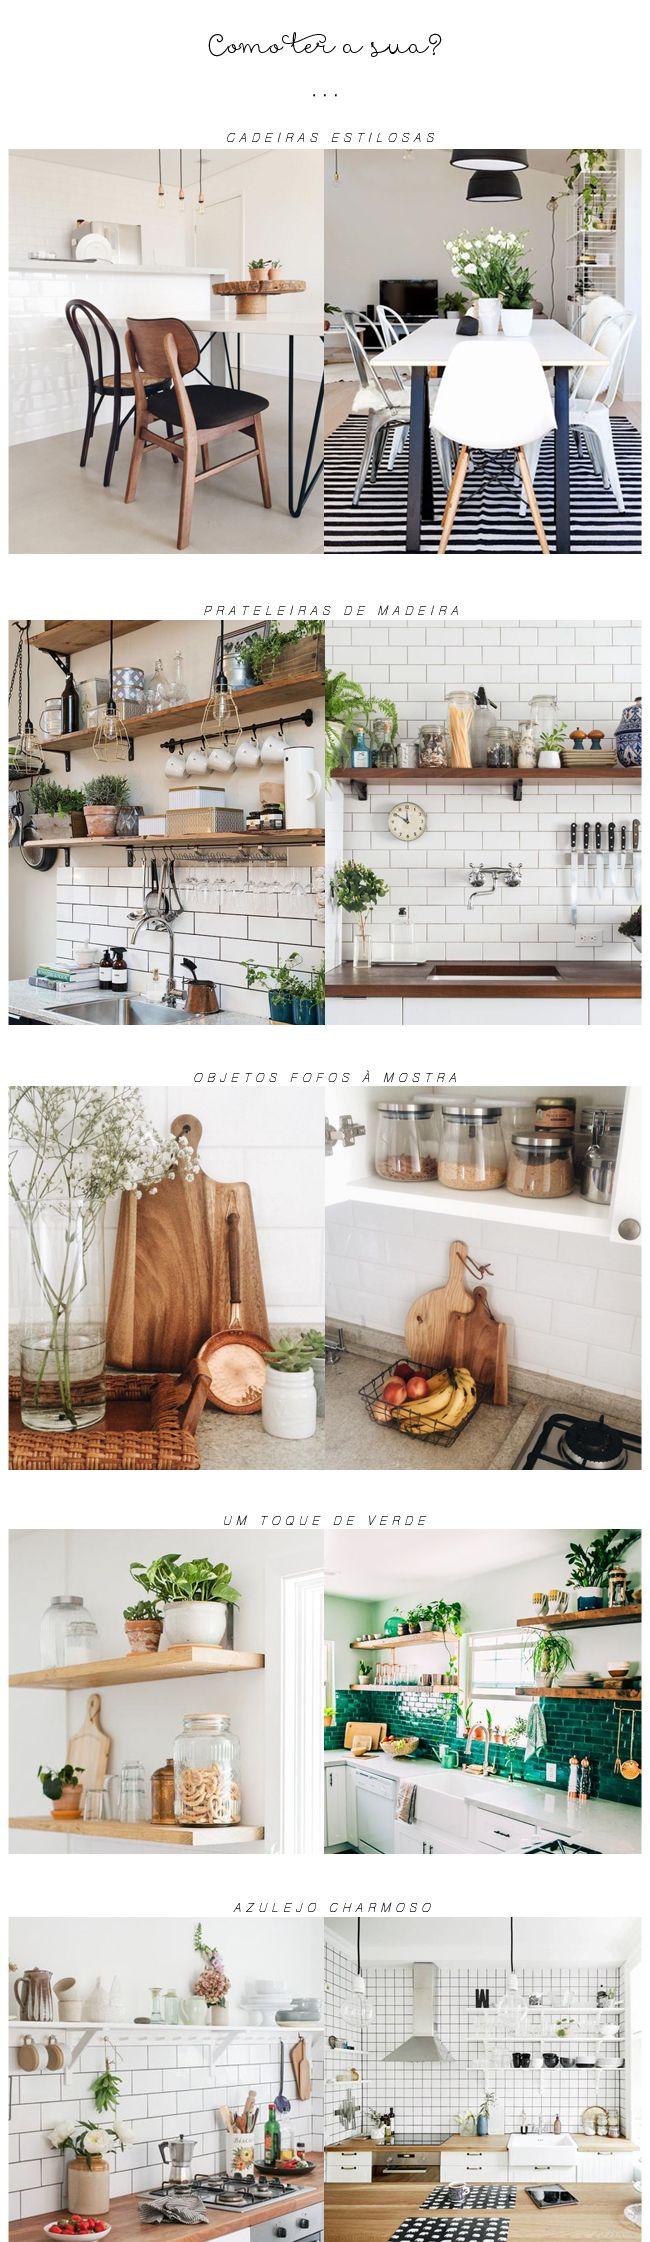 Cozinhas incríveis medo da pressa home decor love pinterest